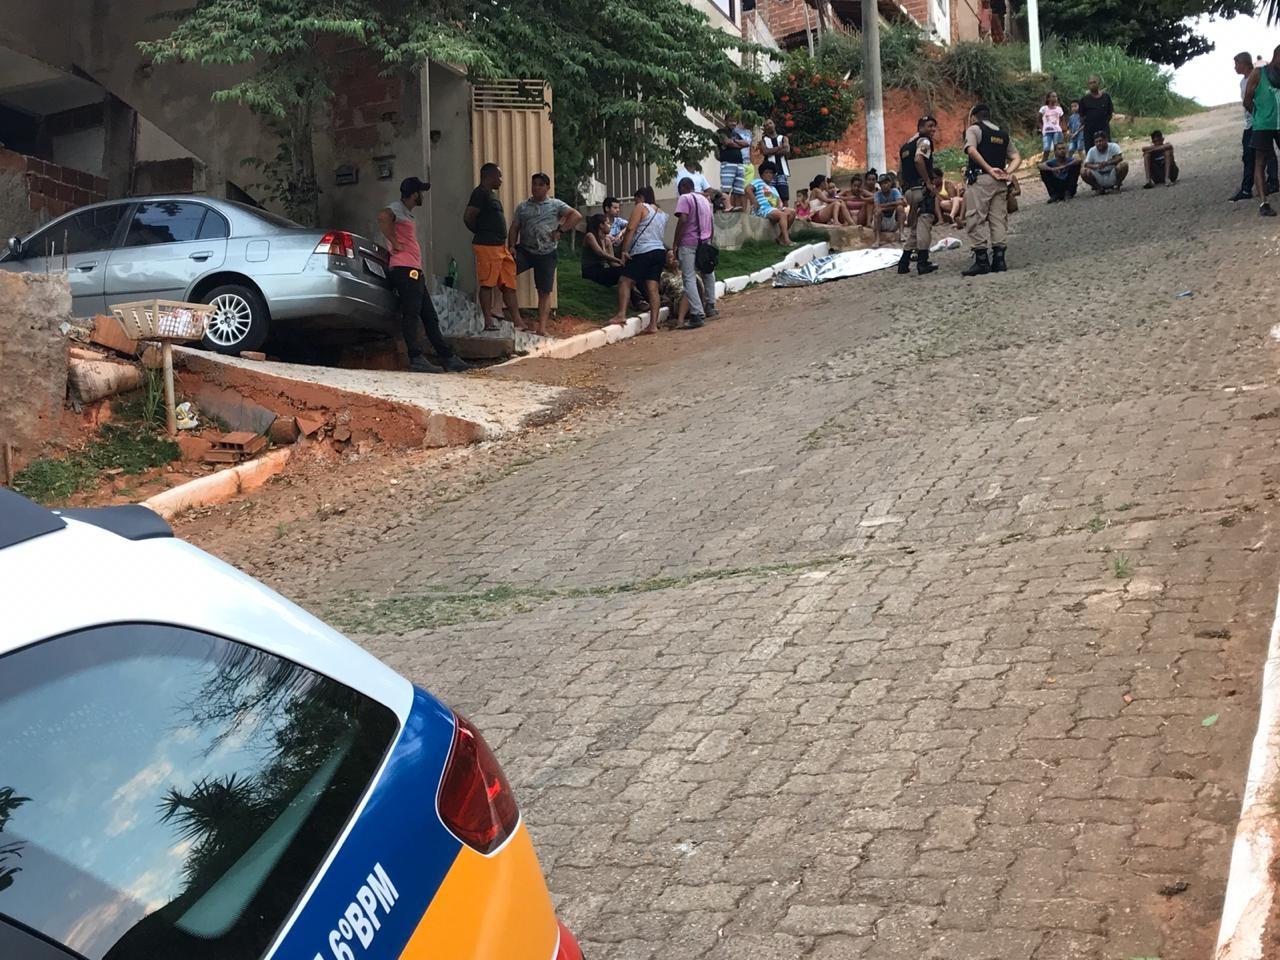 Jovem de 20 anos sai para buscar manga e é morta a tiros em Governador Valadares - Notícias - Plantão Diário